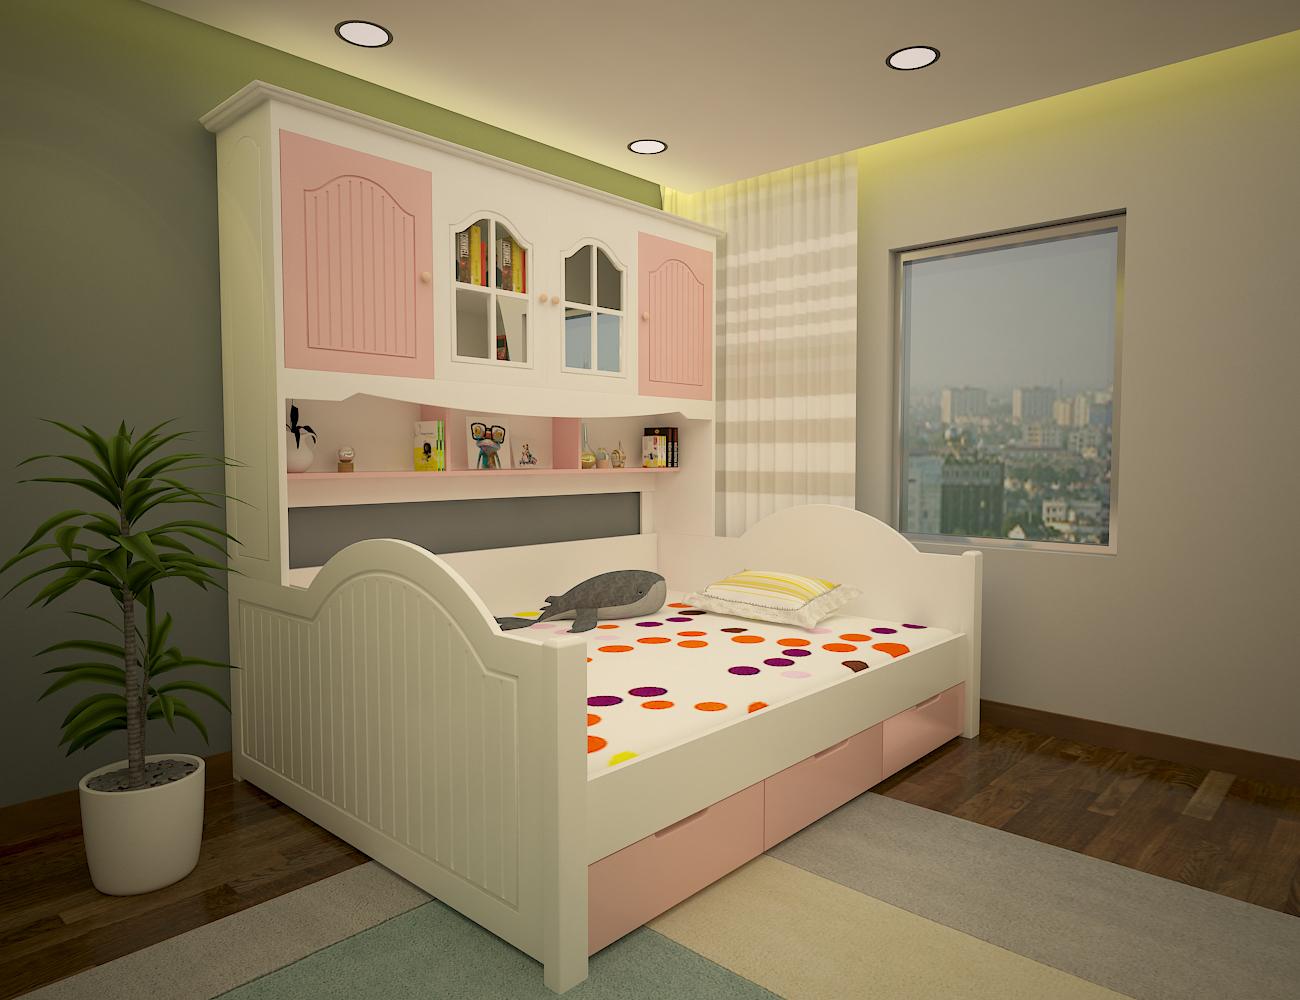 Thuộc lòng 5 mẹo chọn giường ngủ nếu bạn muốn bé phát triển khỏe mạnh 5